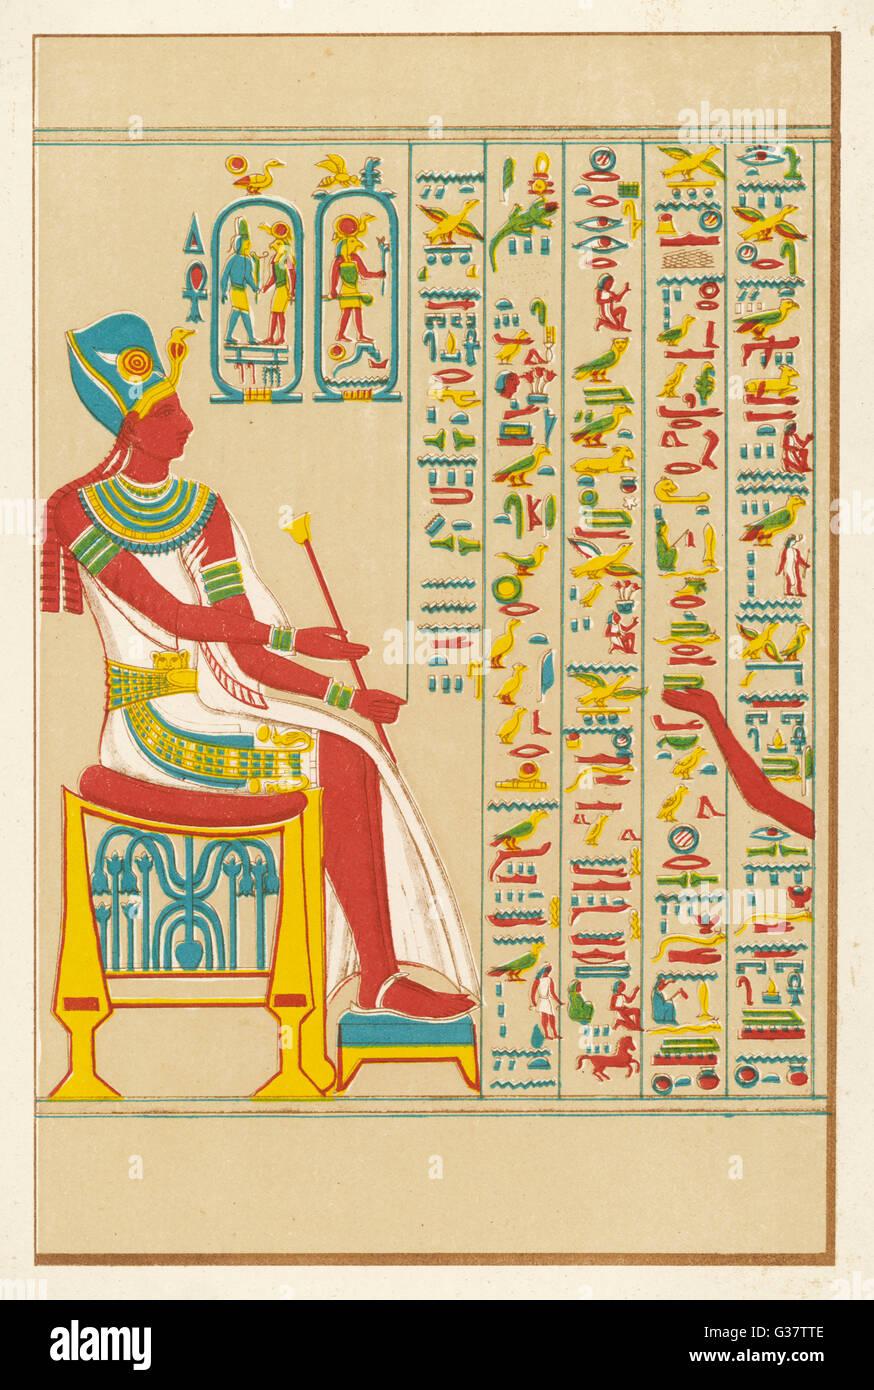 Ein Beispiel der ägyptischen Hieroglyphen Datum: 16. Jahrhundert v. Chr. Stockbild